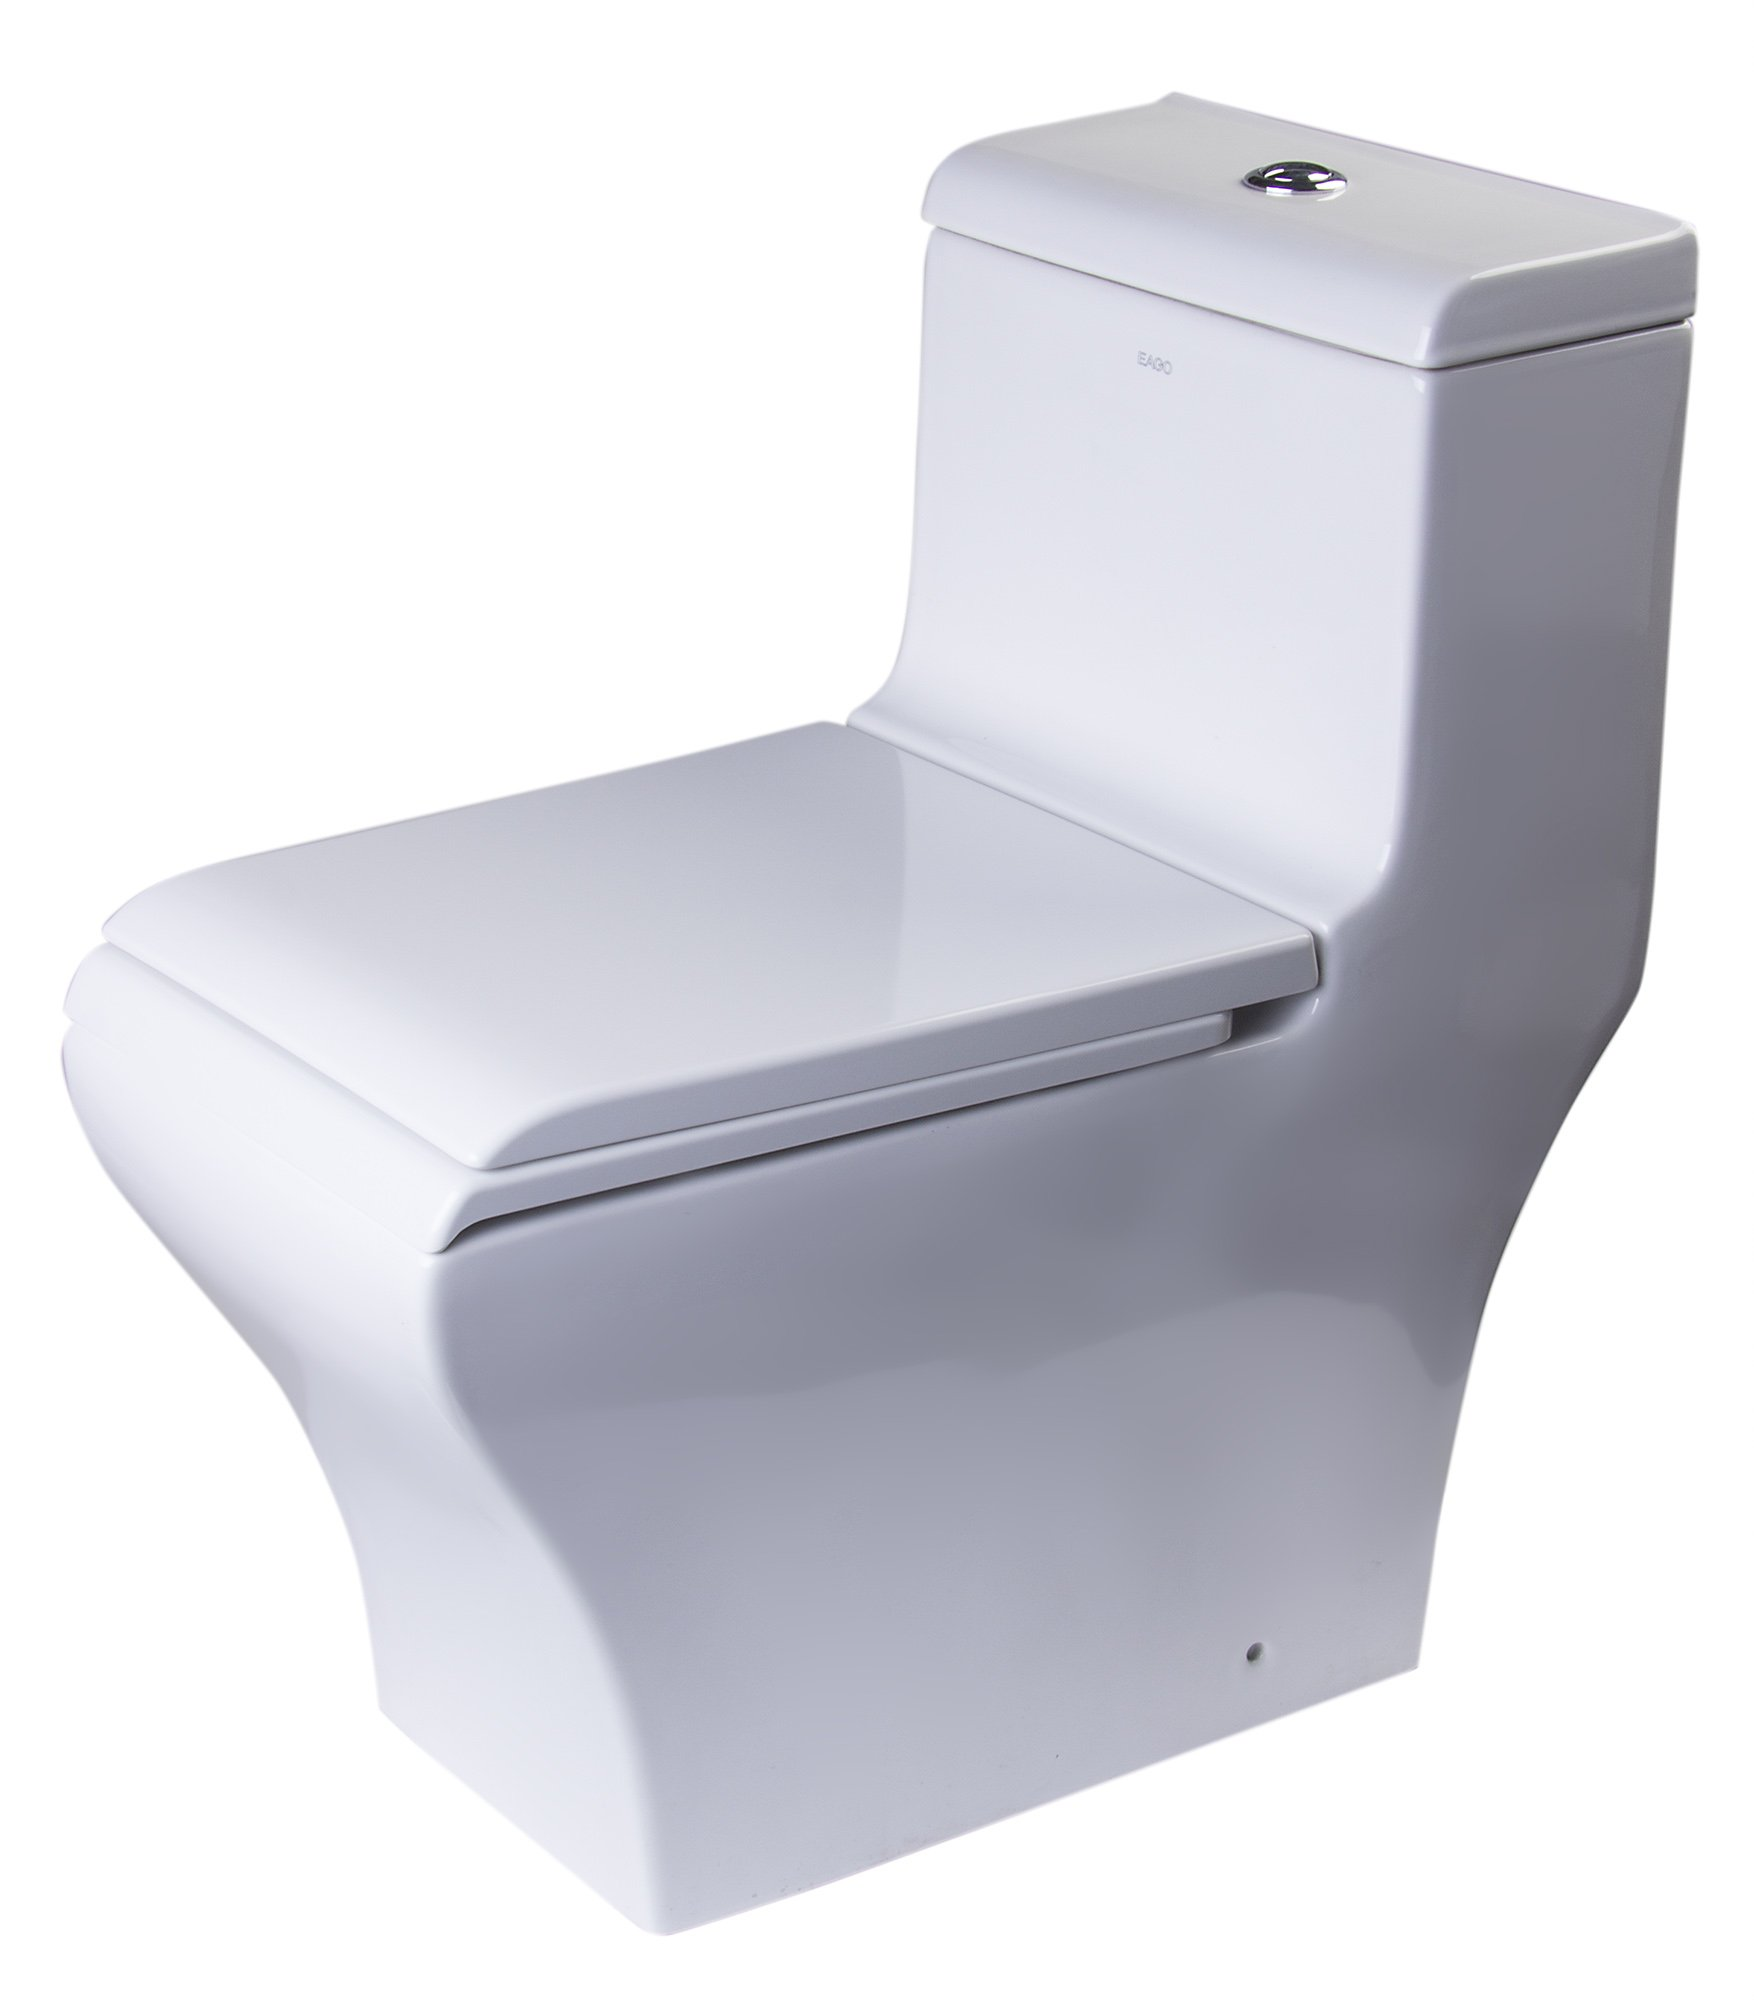 EAGO TB356 Dual Flush  Eco-Friendly Ceramic Toilet, 1-Piece